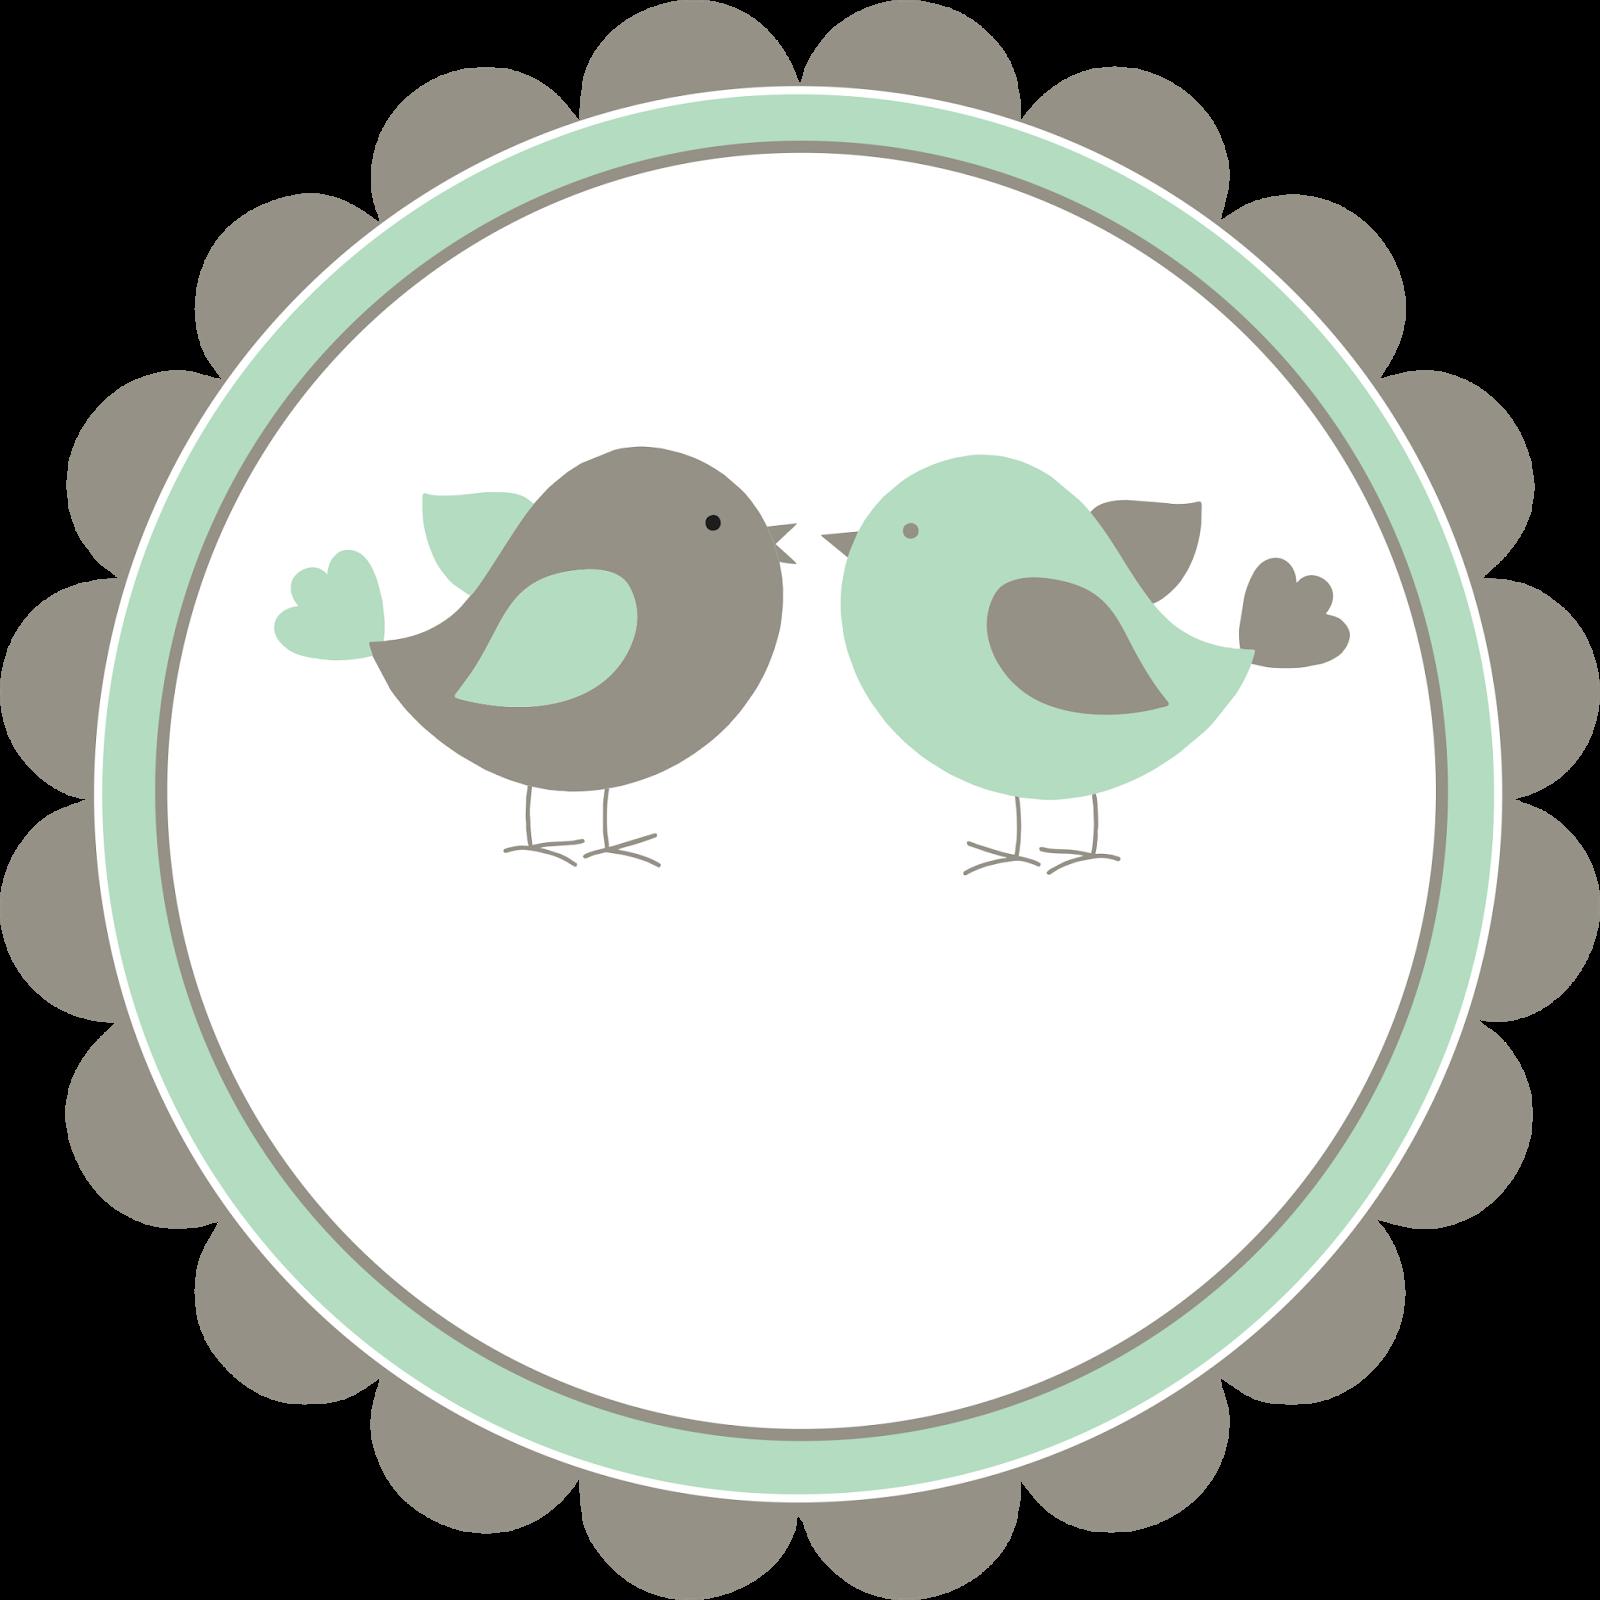 Logotipo gr tis tema passarinhos cantinho do blog for Logos para editar